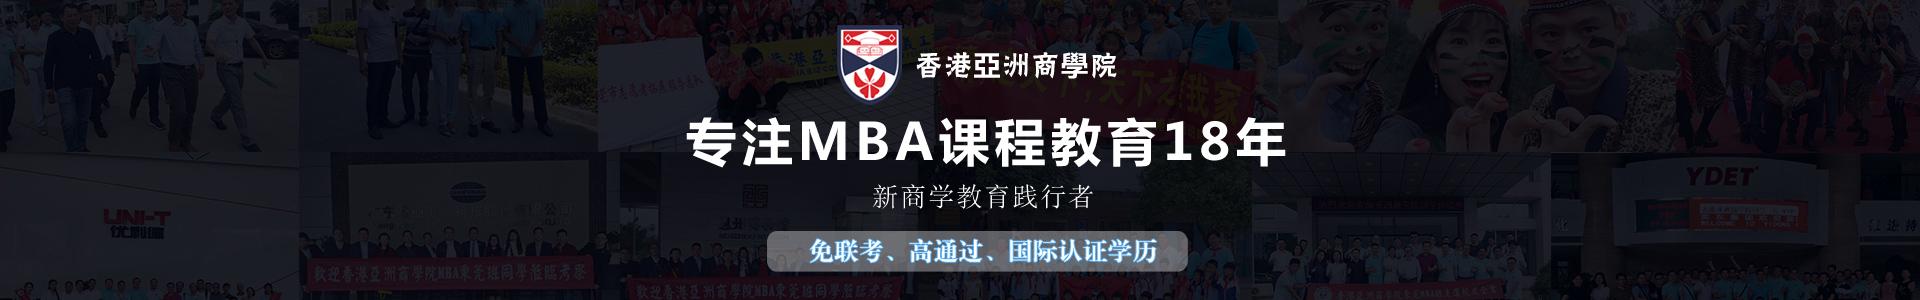 中山亞商學院MBA培訓